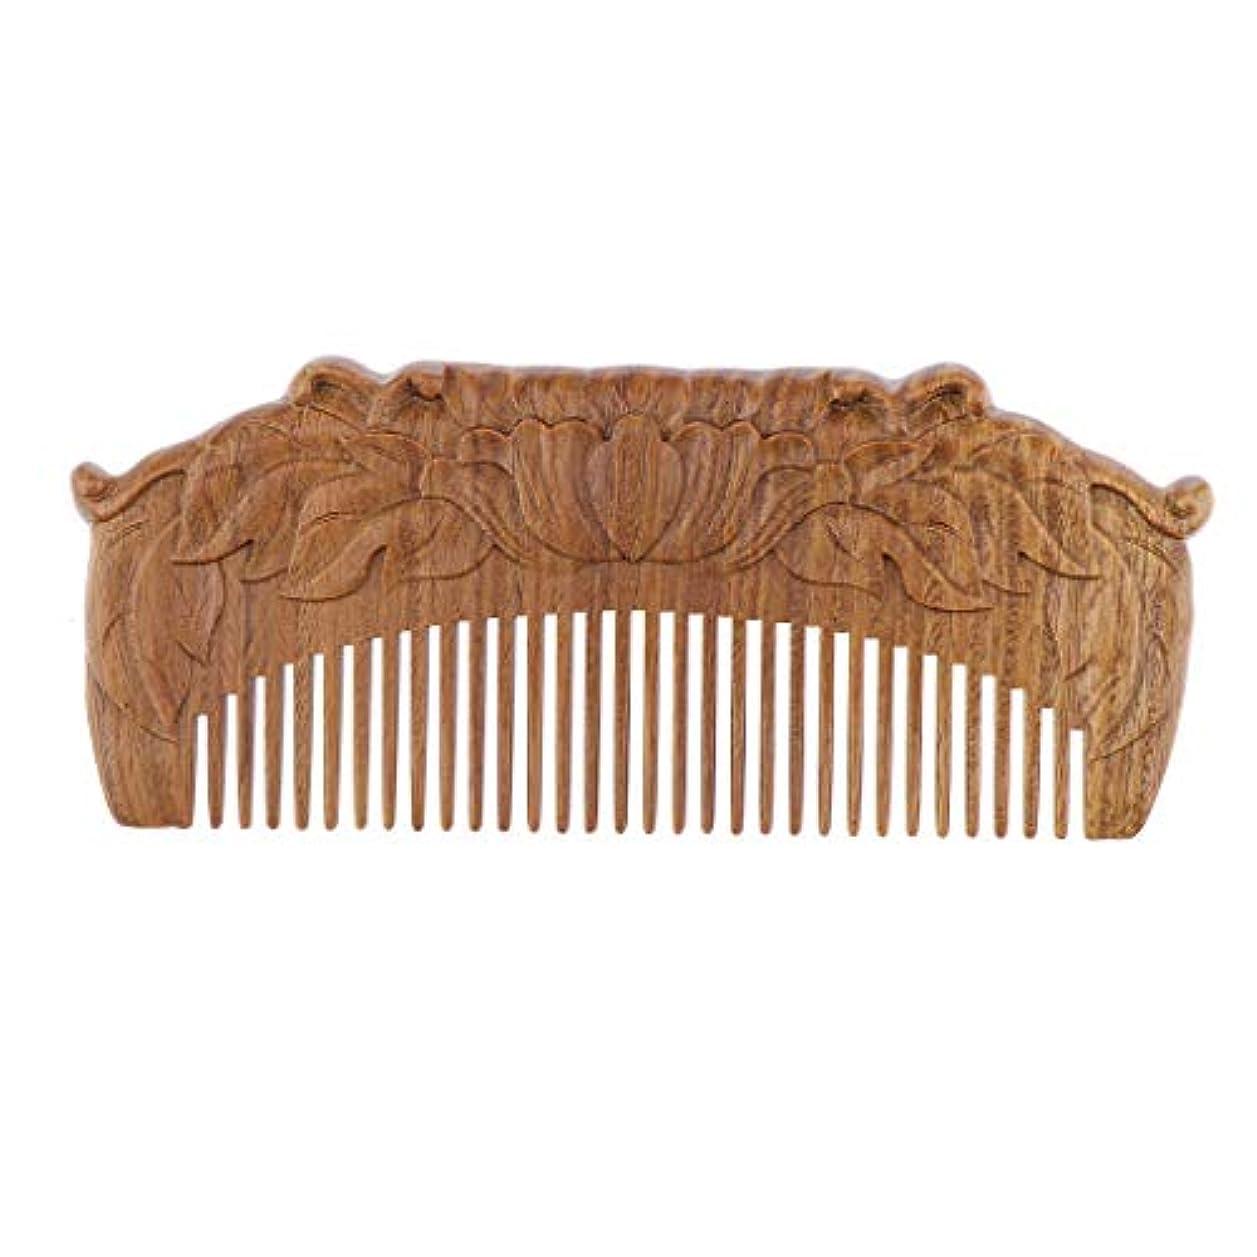 データ国民投票財産B Blesiya 木製櫛 ヘアコーム ヘアブラシ 天然木 手作り プレゼント